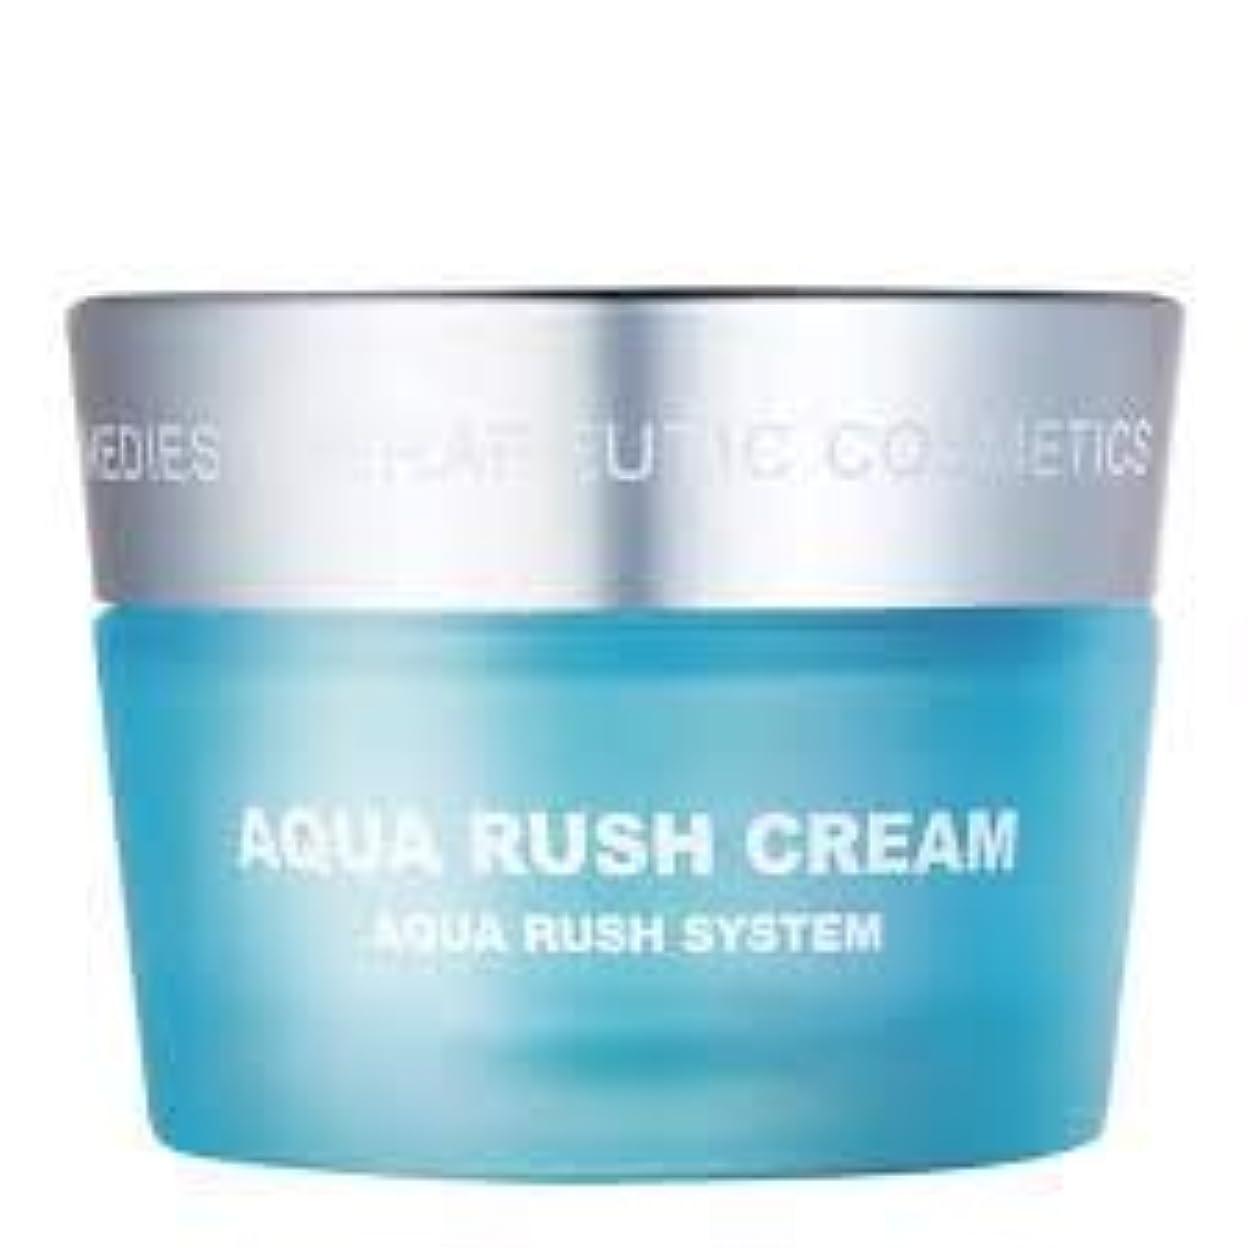 プレゼンターチャンピオンアライメントBRTC 乾燥肌に集中的な水分を供給アクアラッシュクリーム1つ60ミリリットル保湿クリーム